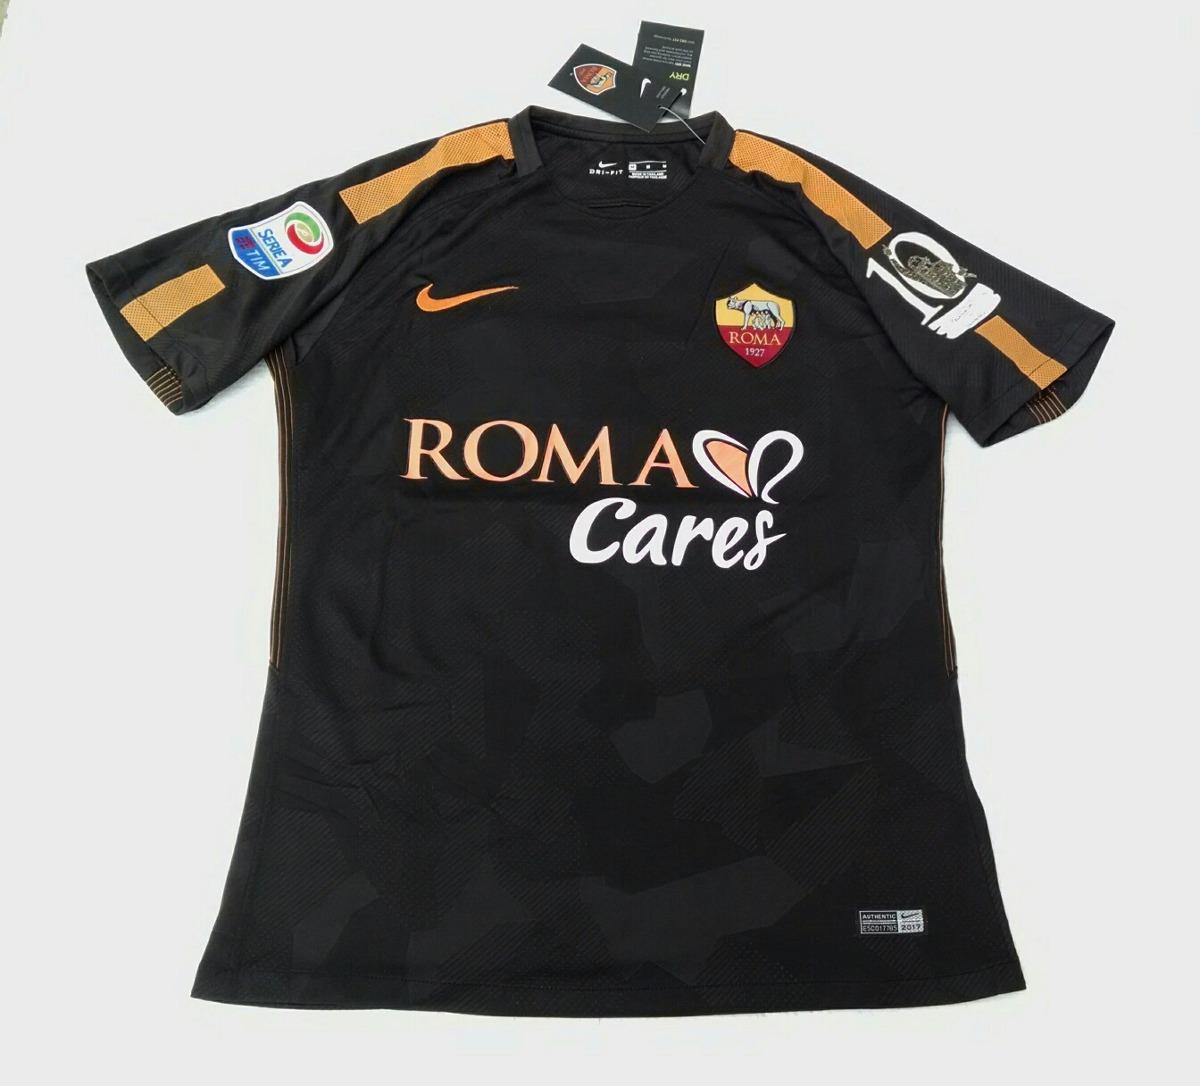 camisa roma third 2017. Carregando zoom. 35e9c40f819c3